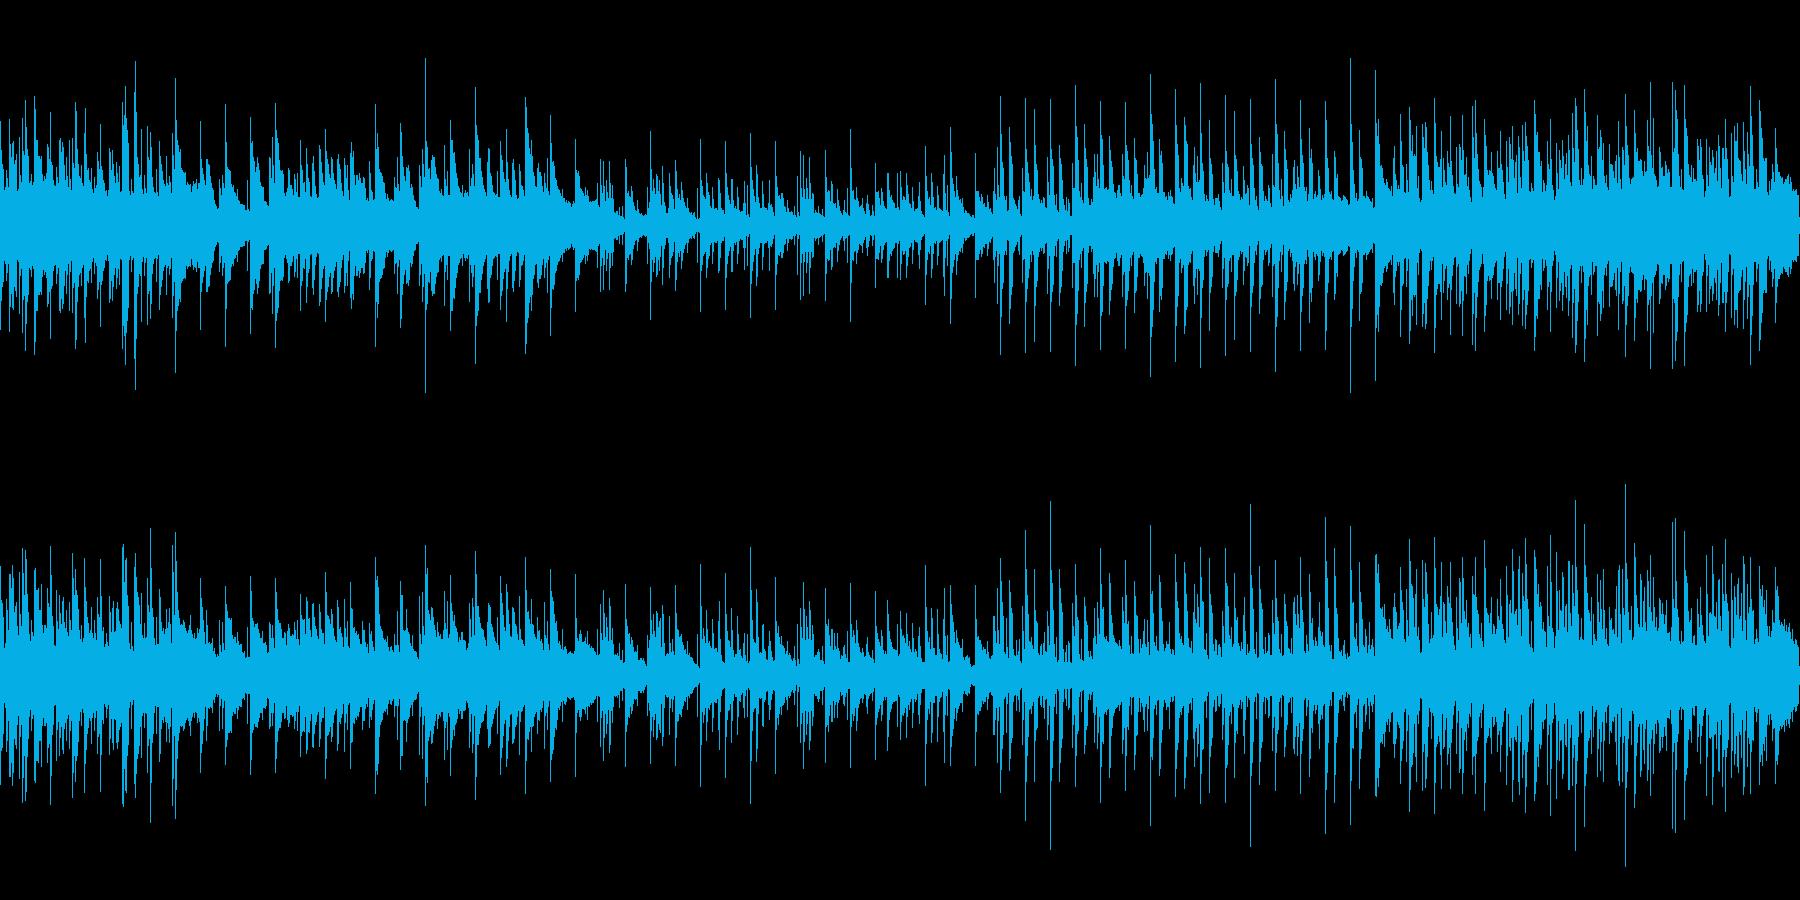 ピアノオーケストラループ音源リバーブな…の再生済みの波形